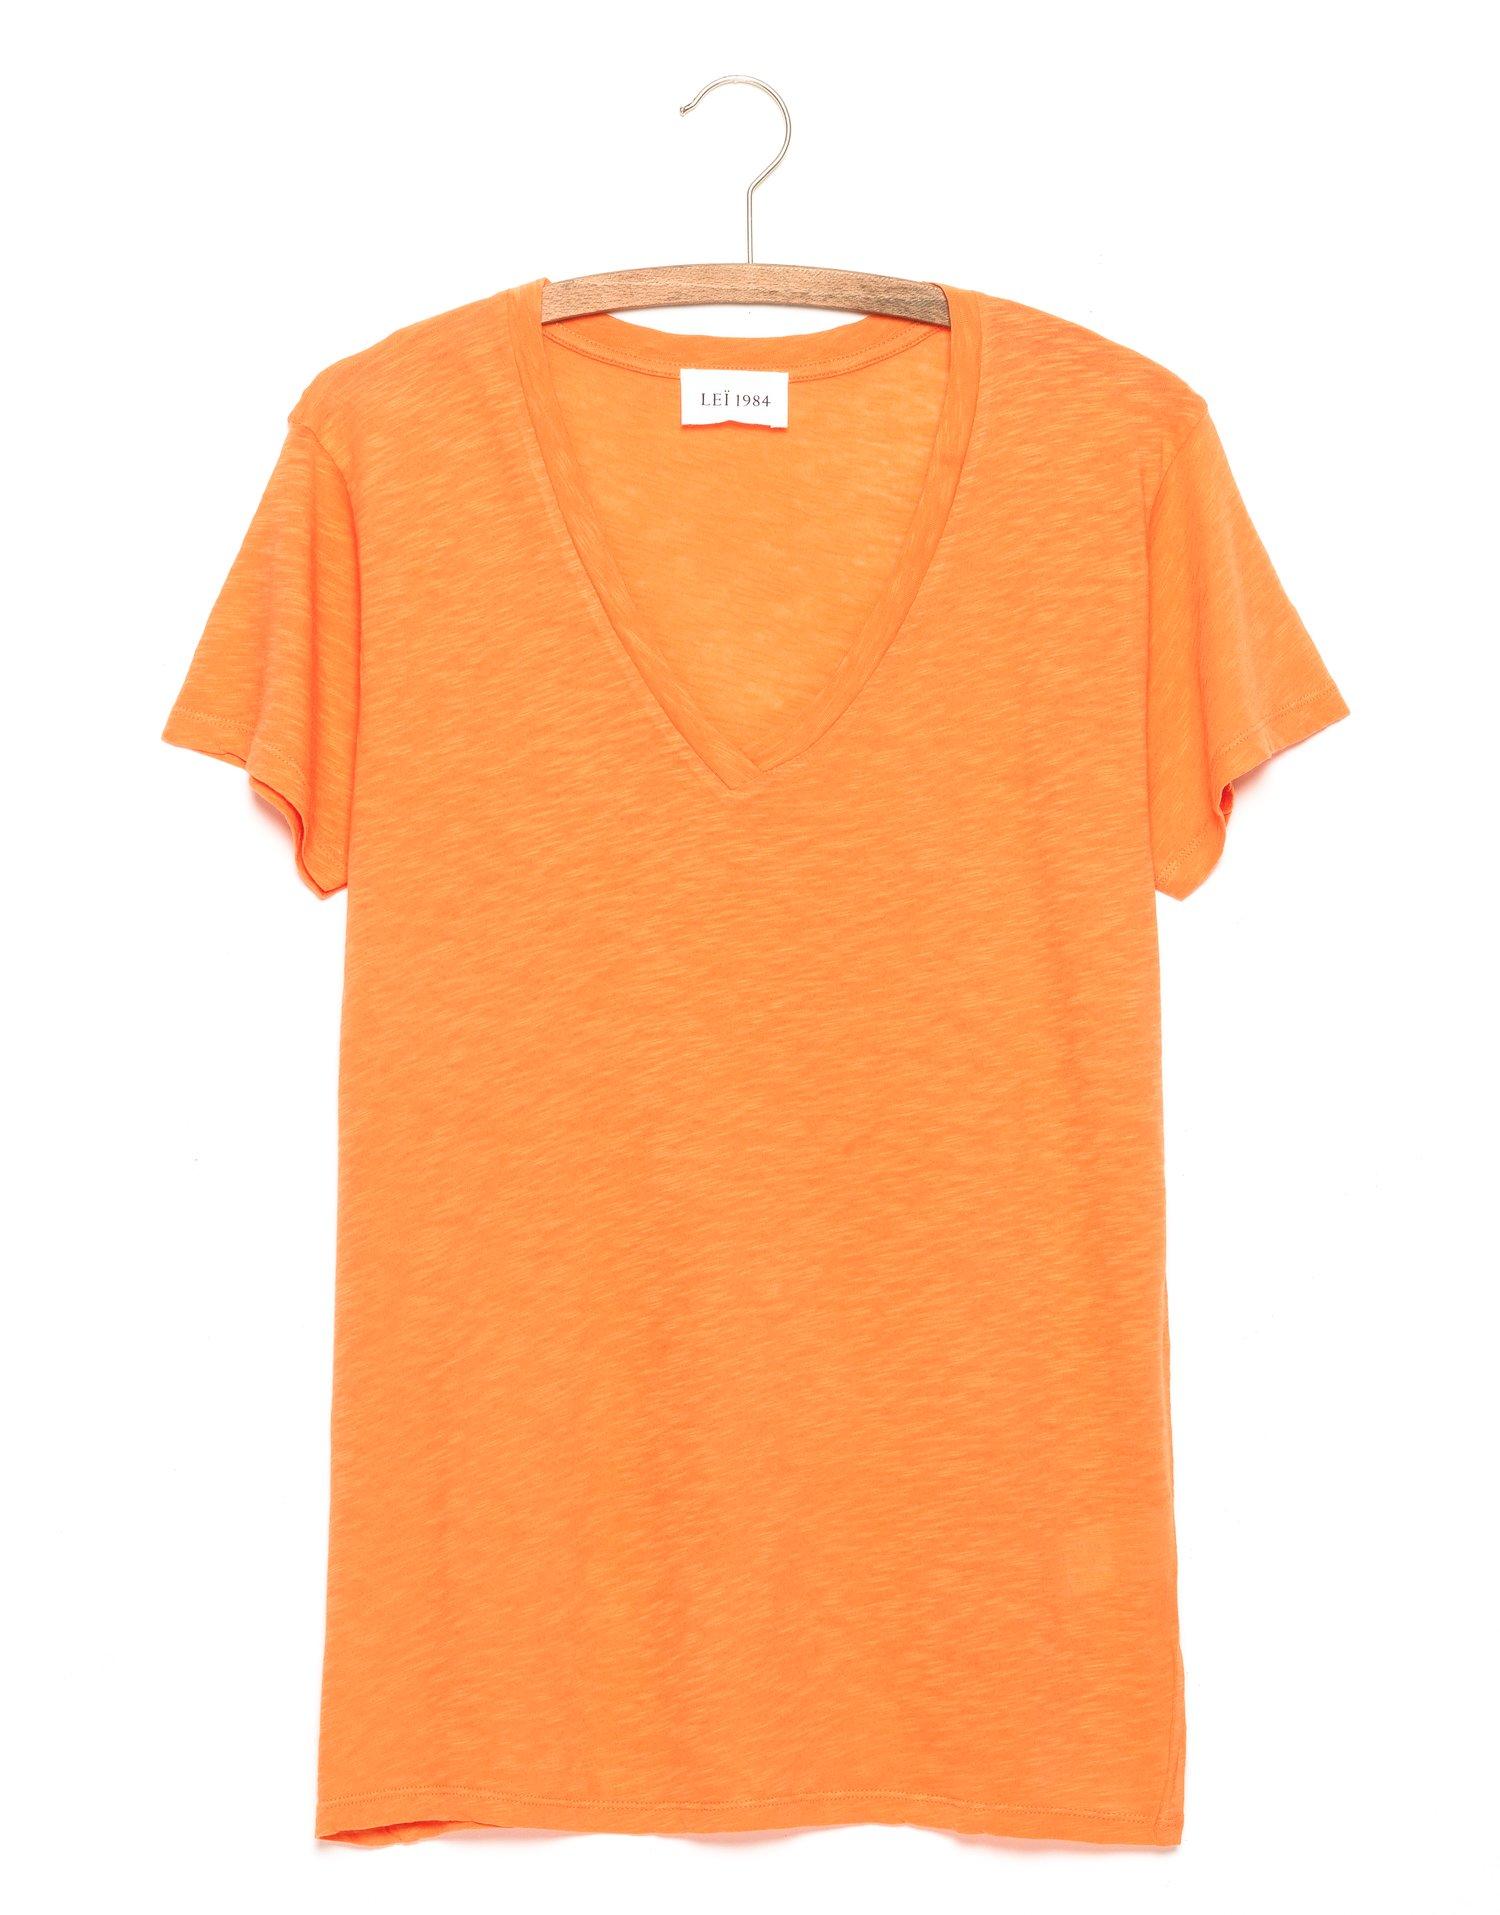 Image of Tee-shirt flamé CERISE BIS coloris primaires 45€ -50%